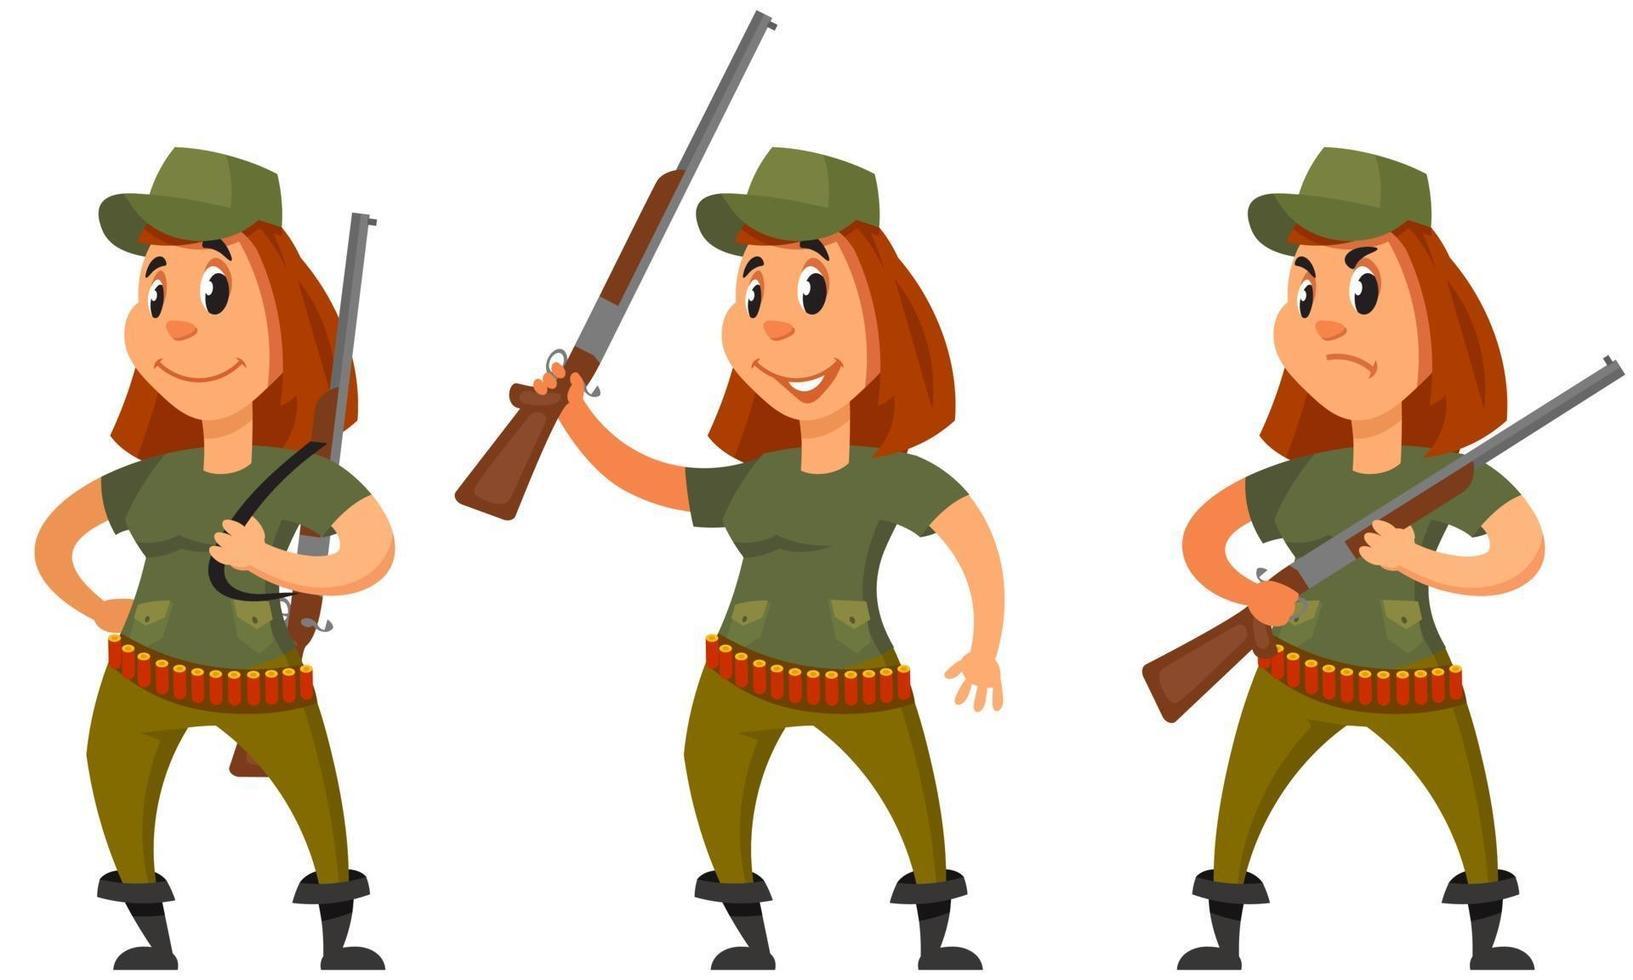 caçador em diferentes poses. personagem feminina em estilo cartoon. vetor